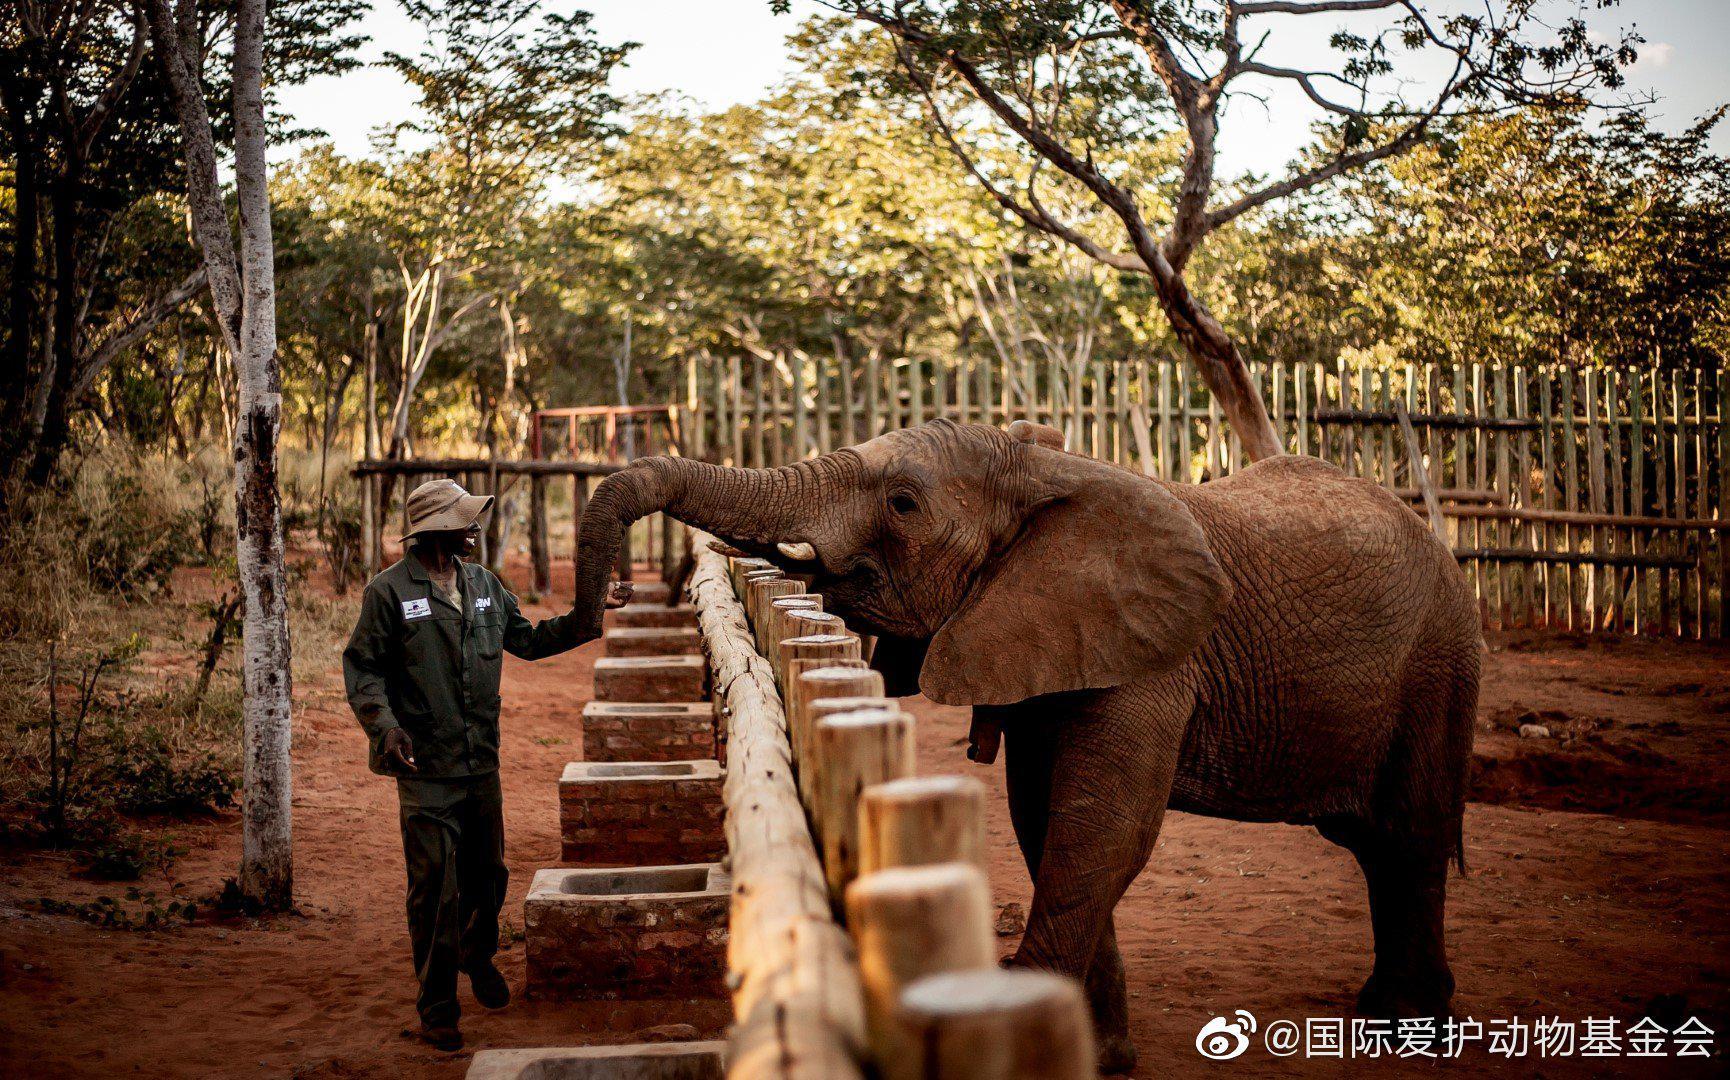 津巴布韦大象孤儿院,鼻子上有花纹的小公象马塔